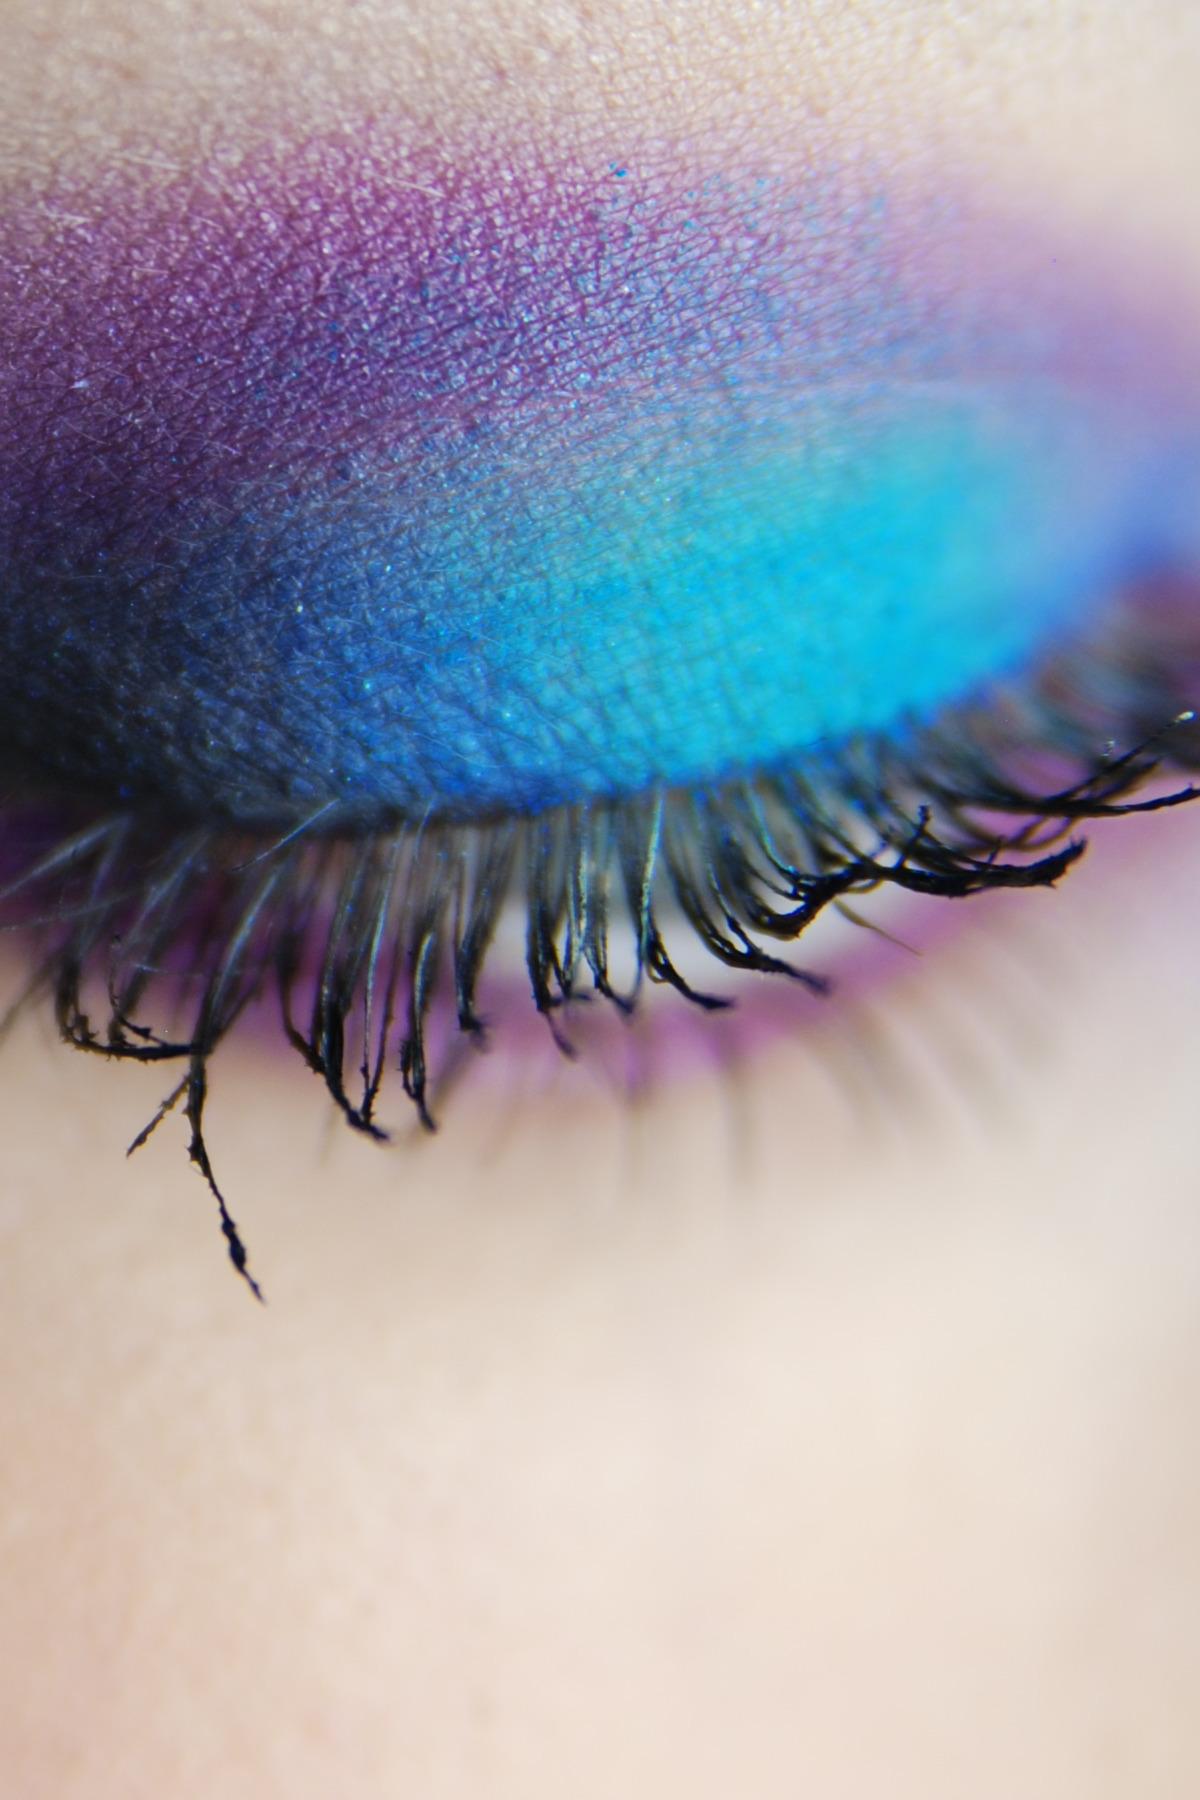 Zdjęcie przedstawia zbliżenie na rzęsy powieki oka pomalowanej na niebiesko-fioletowo.